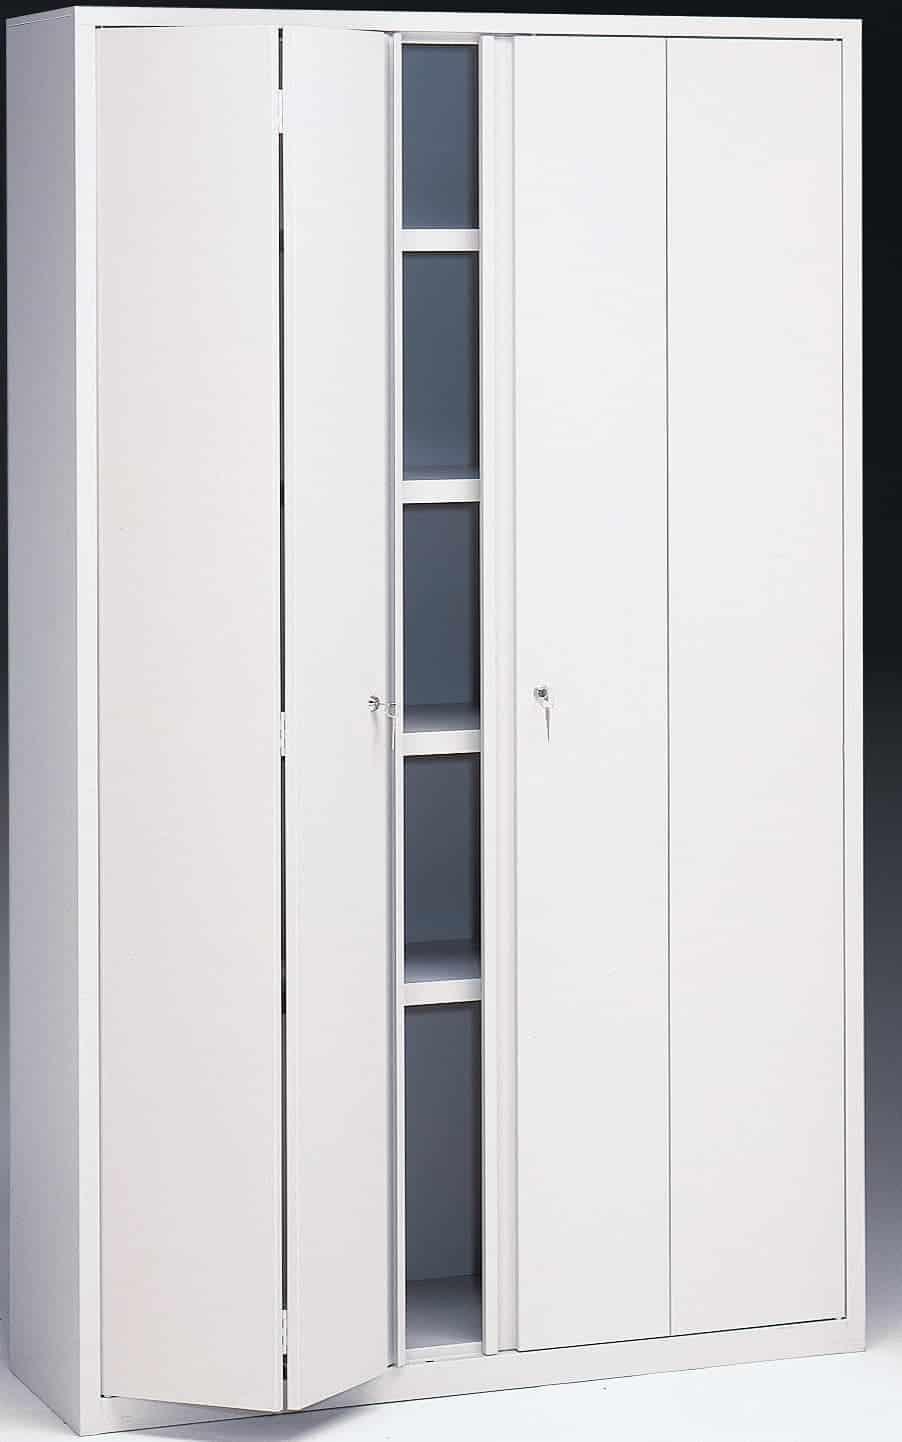 Armario metálico con puertas plegables